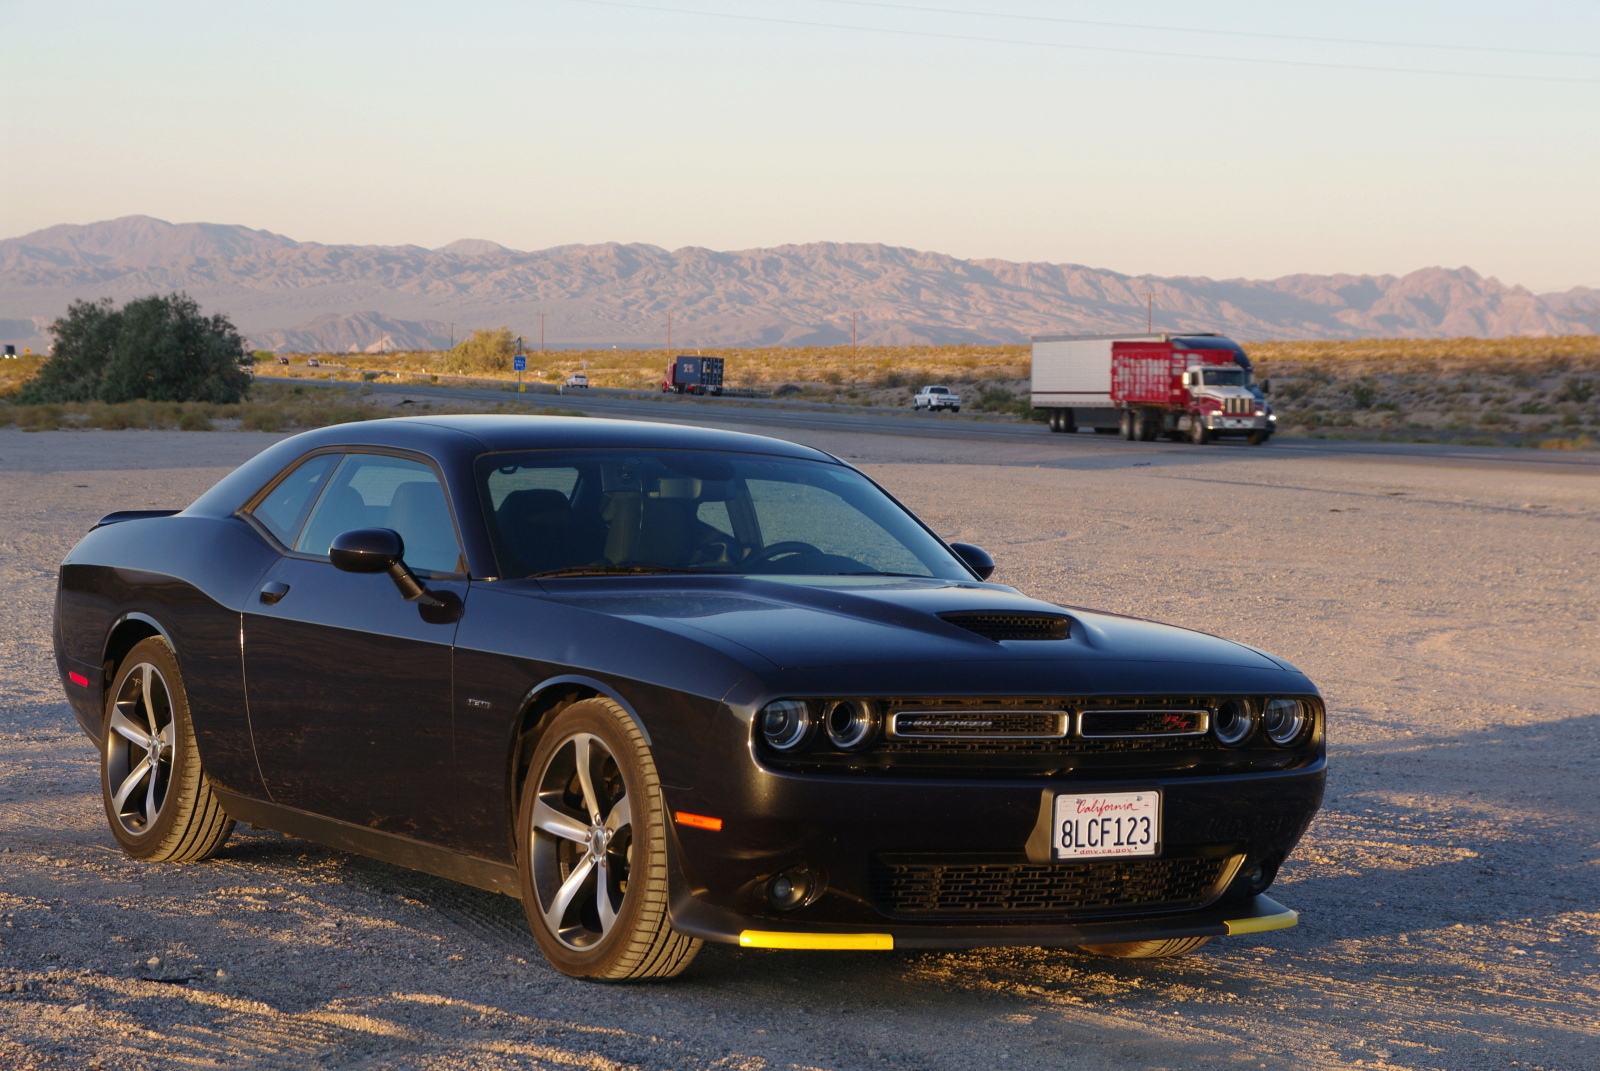 Road Trip / Ouest des USA en Challenger de location -Part II Imgpk227